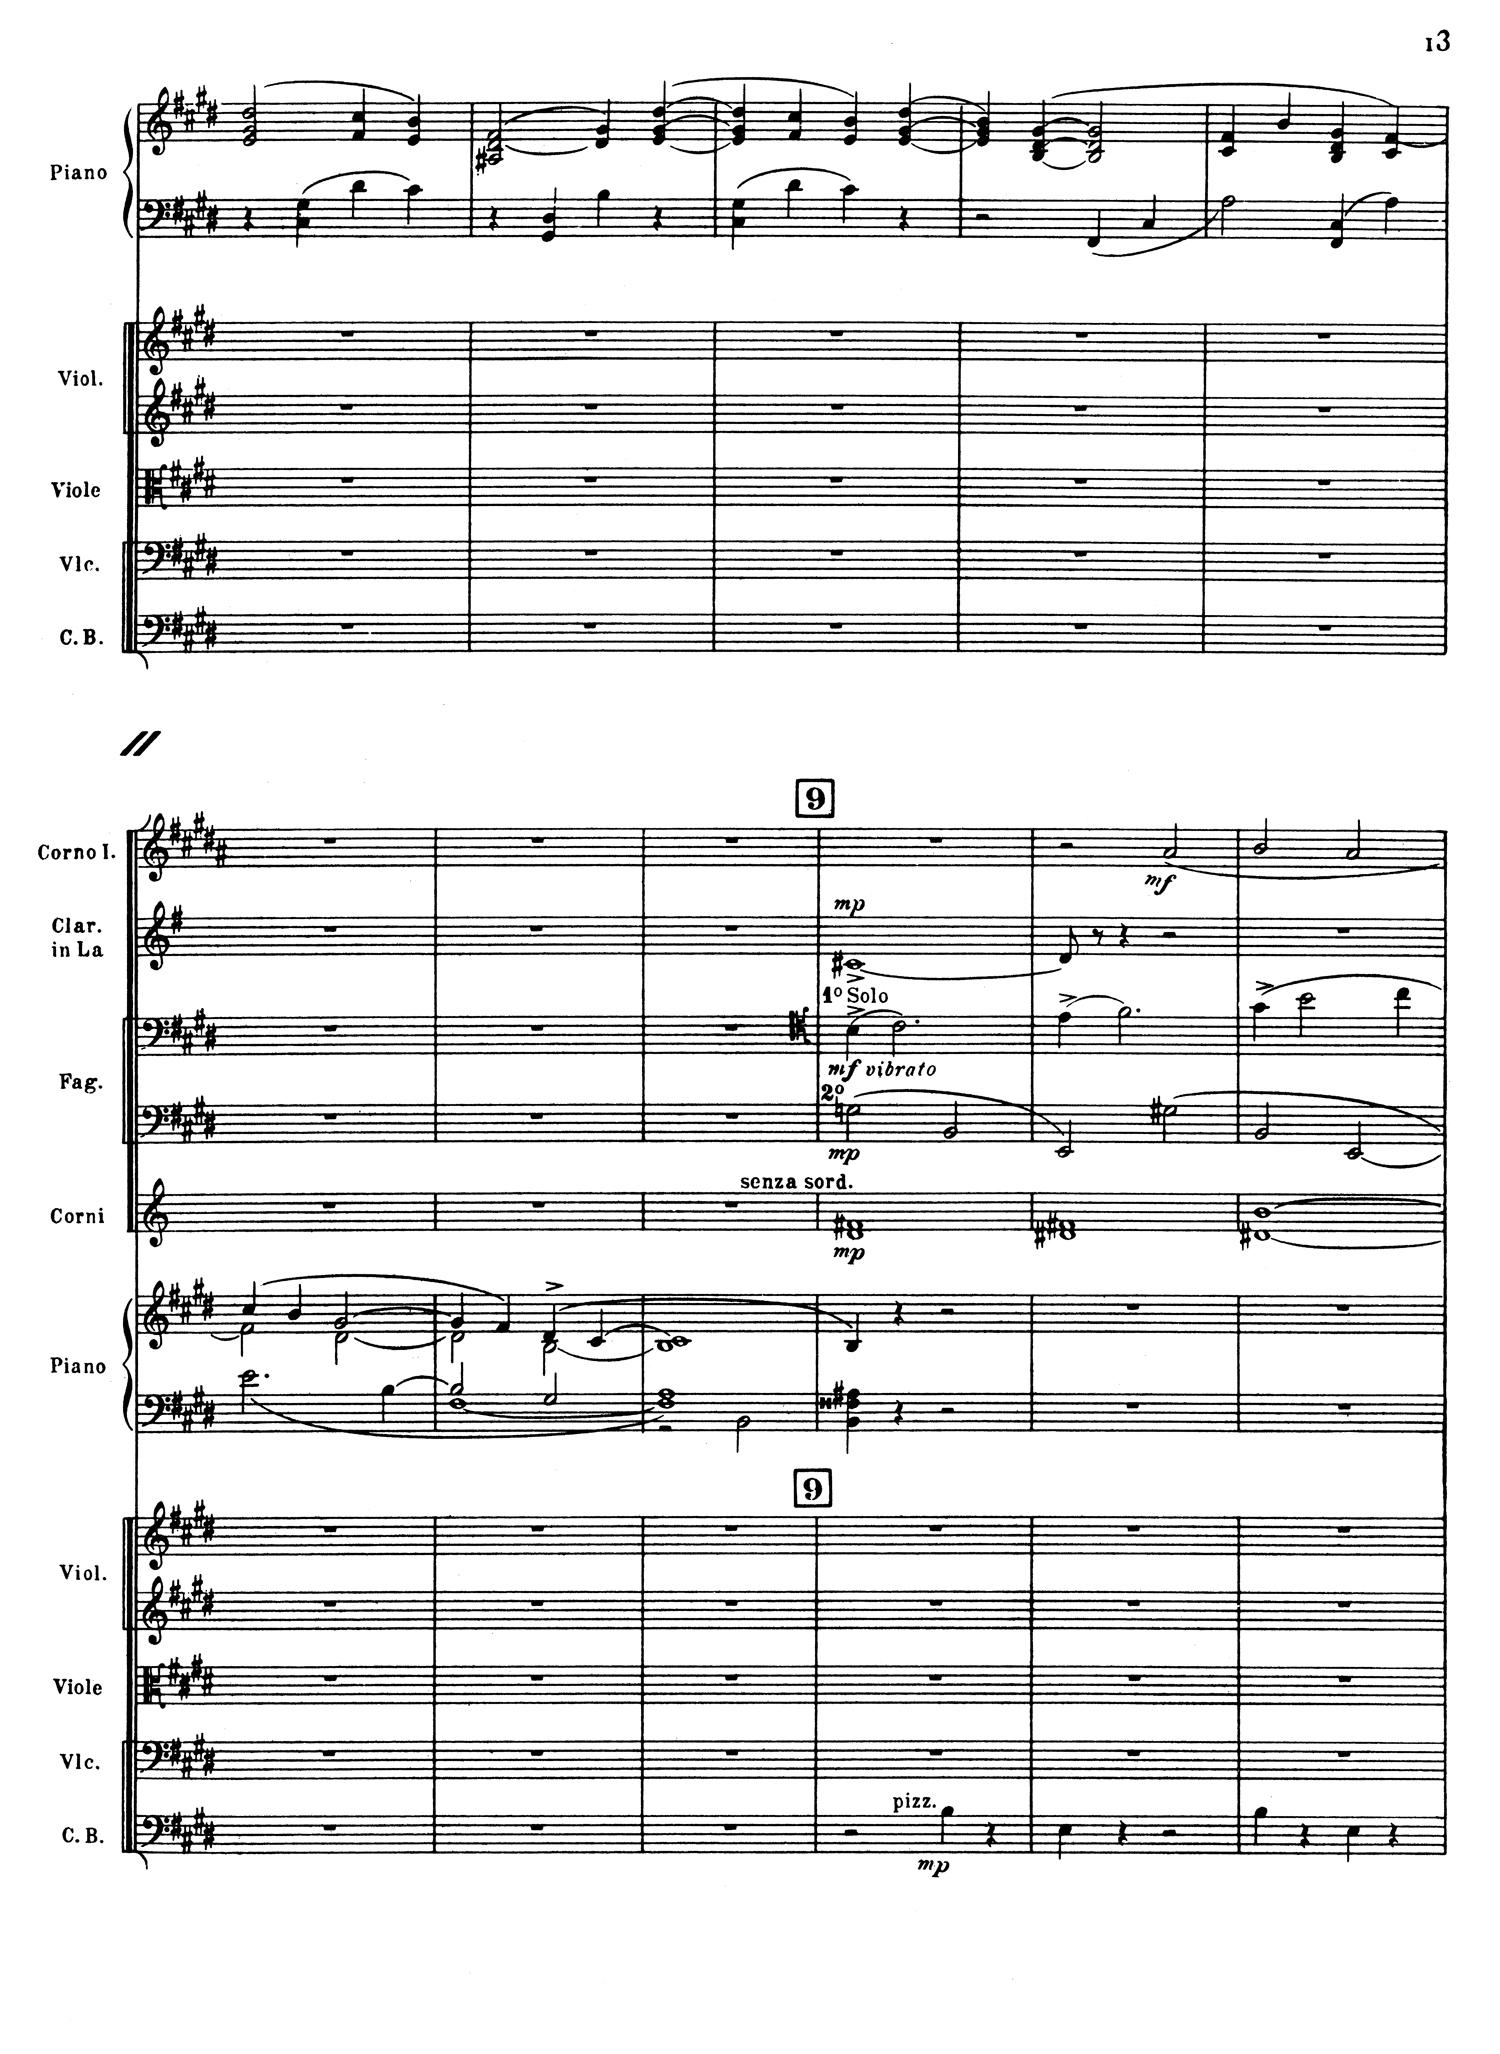 Ravel Piano Mvt 1 Score 1.jpg